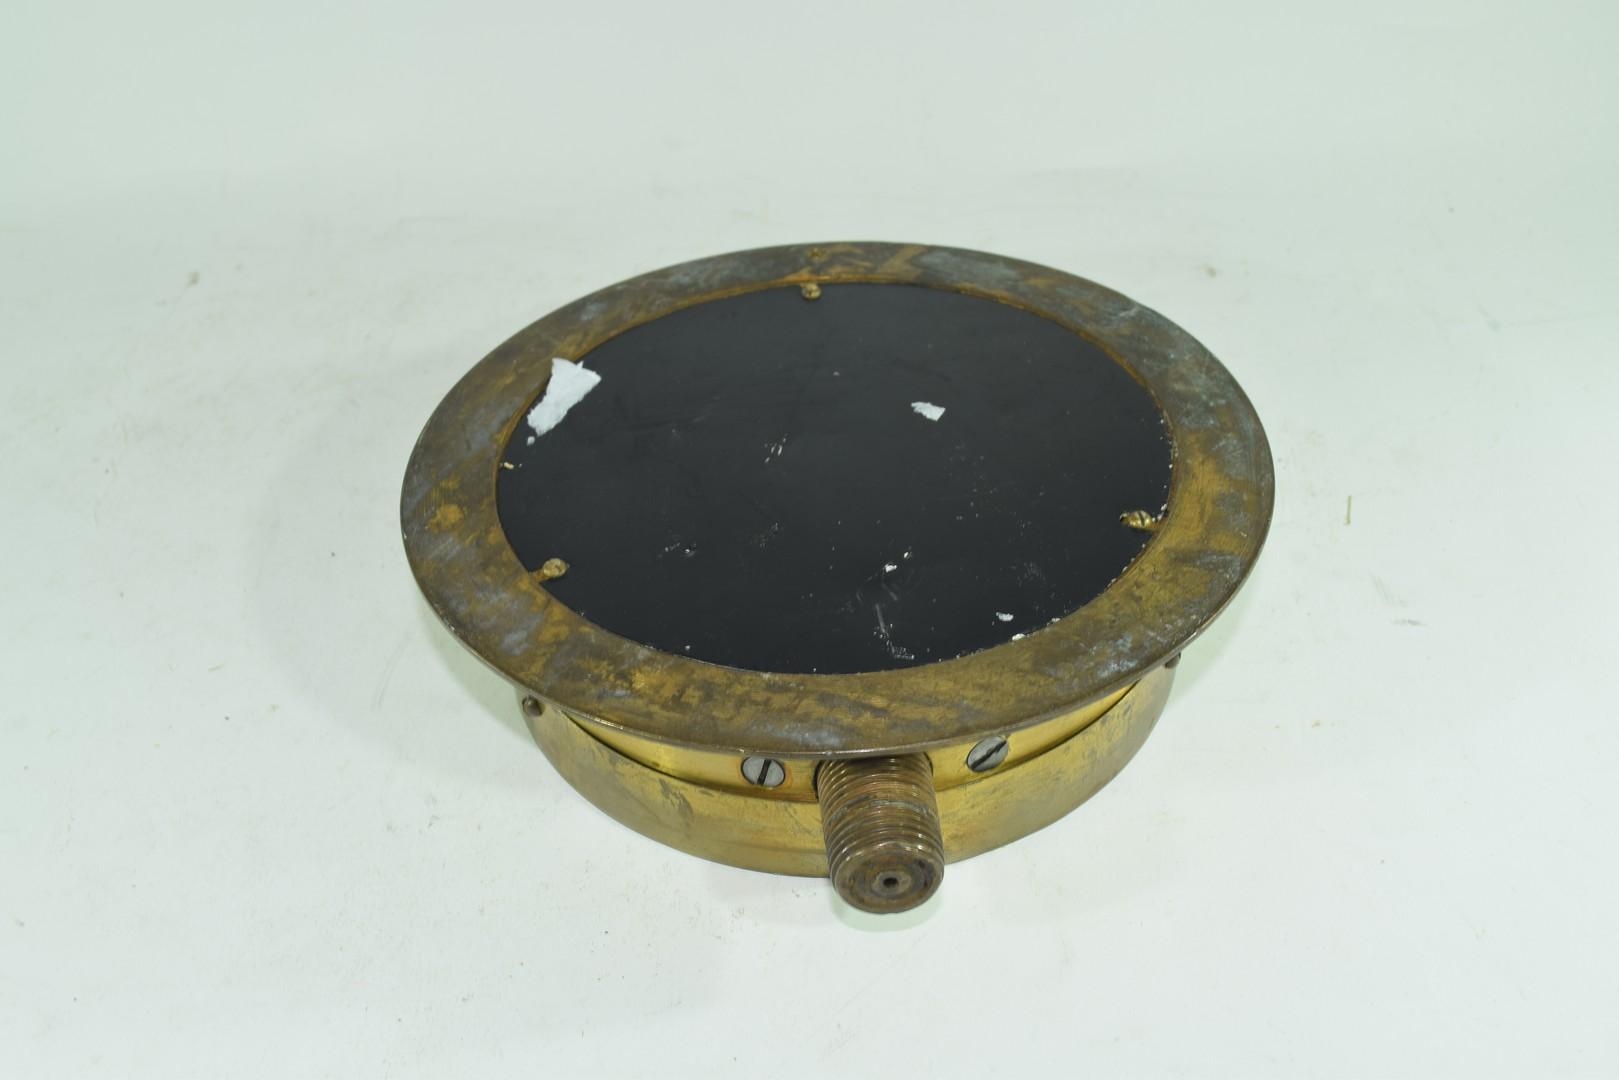 Vintage brass cased pressure gauge - Image 4 of 4